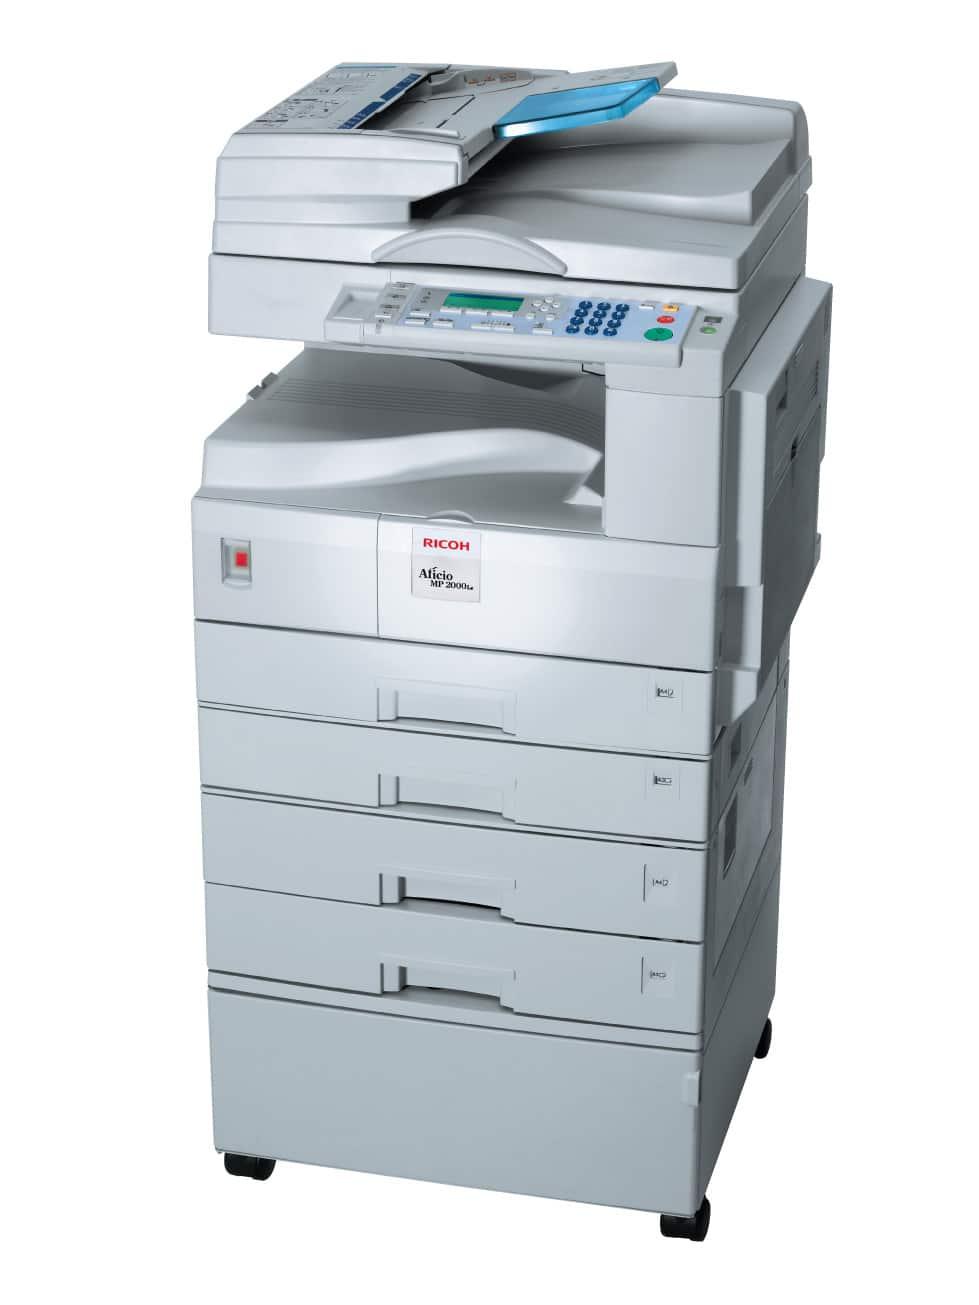 Comparer les prix des imprimeurs en ligne avant de commander